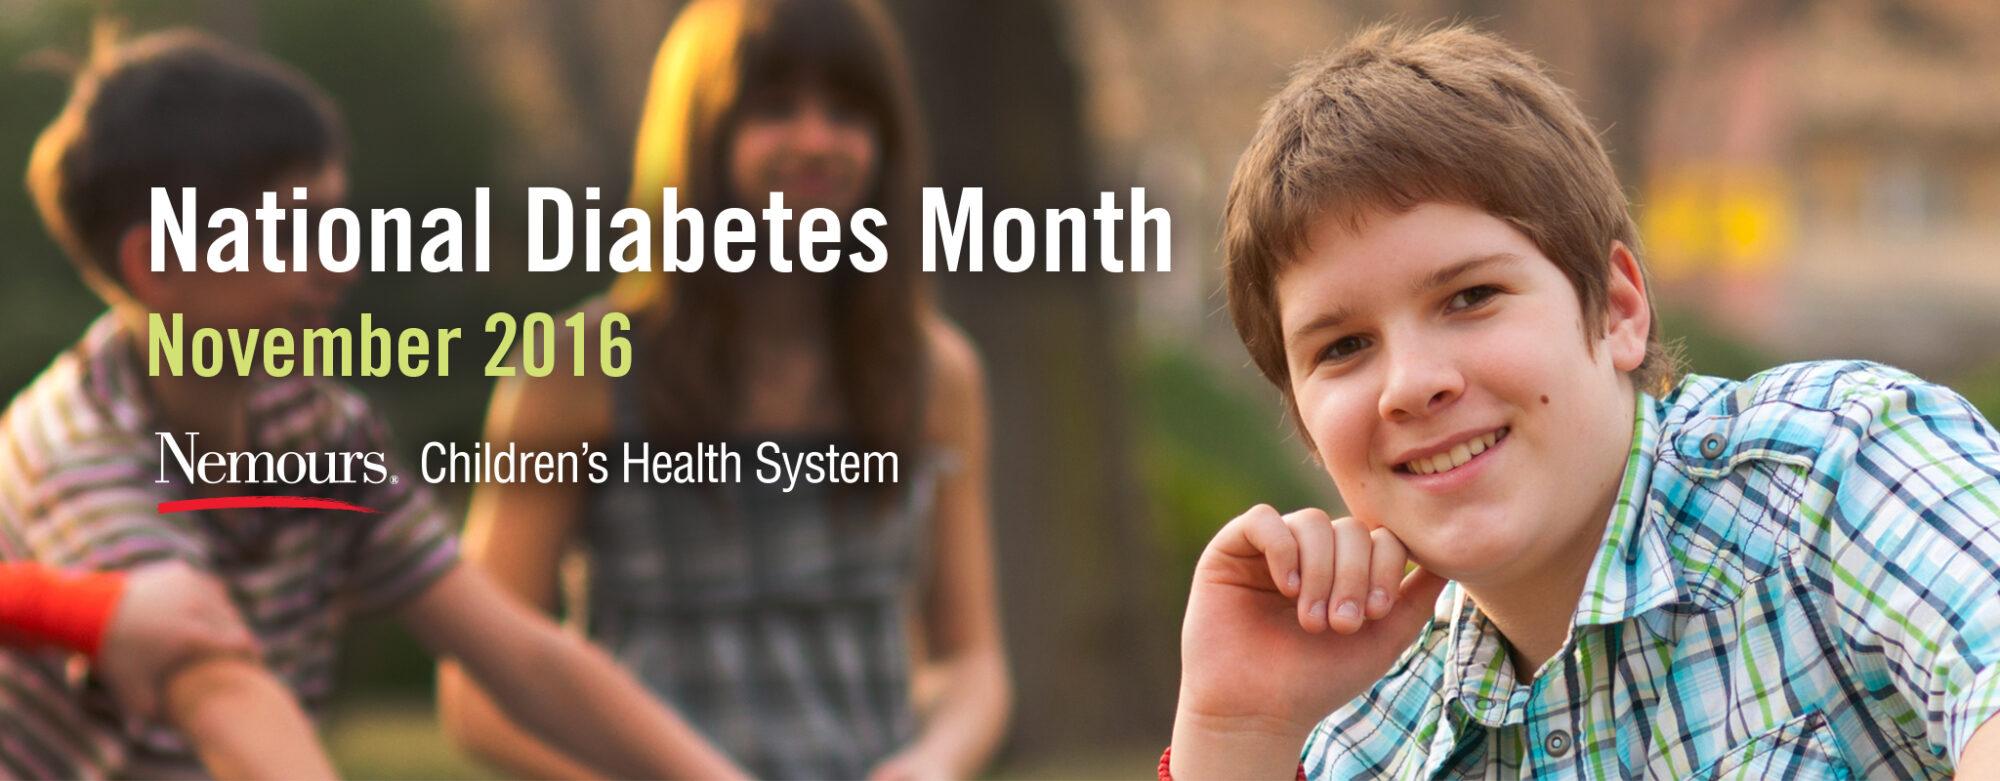 Diabète de type 1 : Mythes et faits